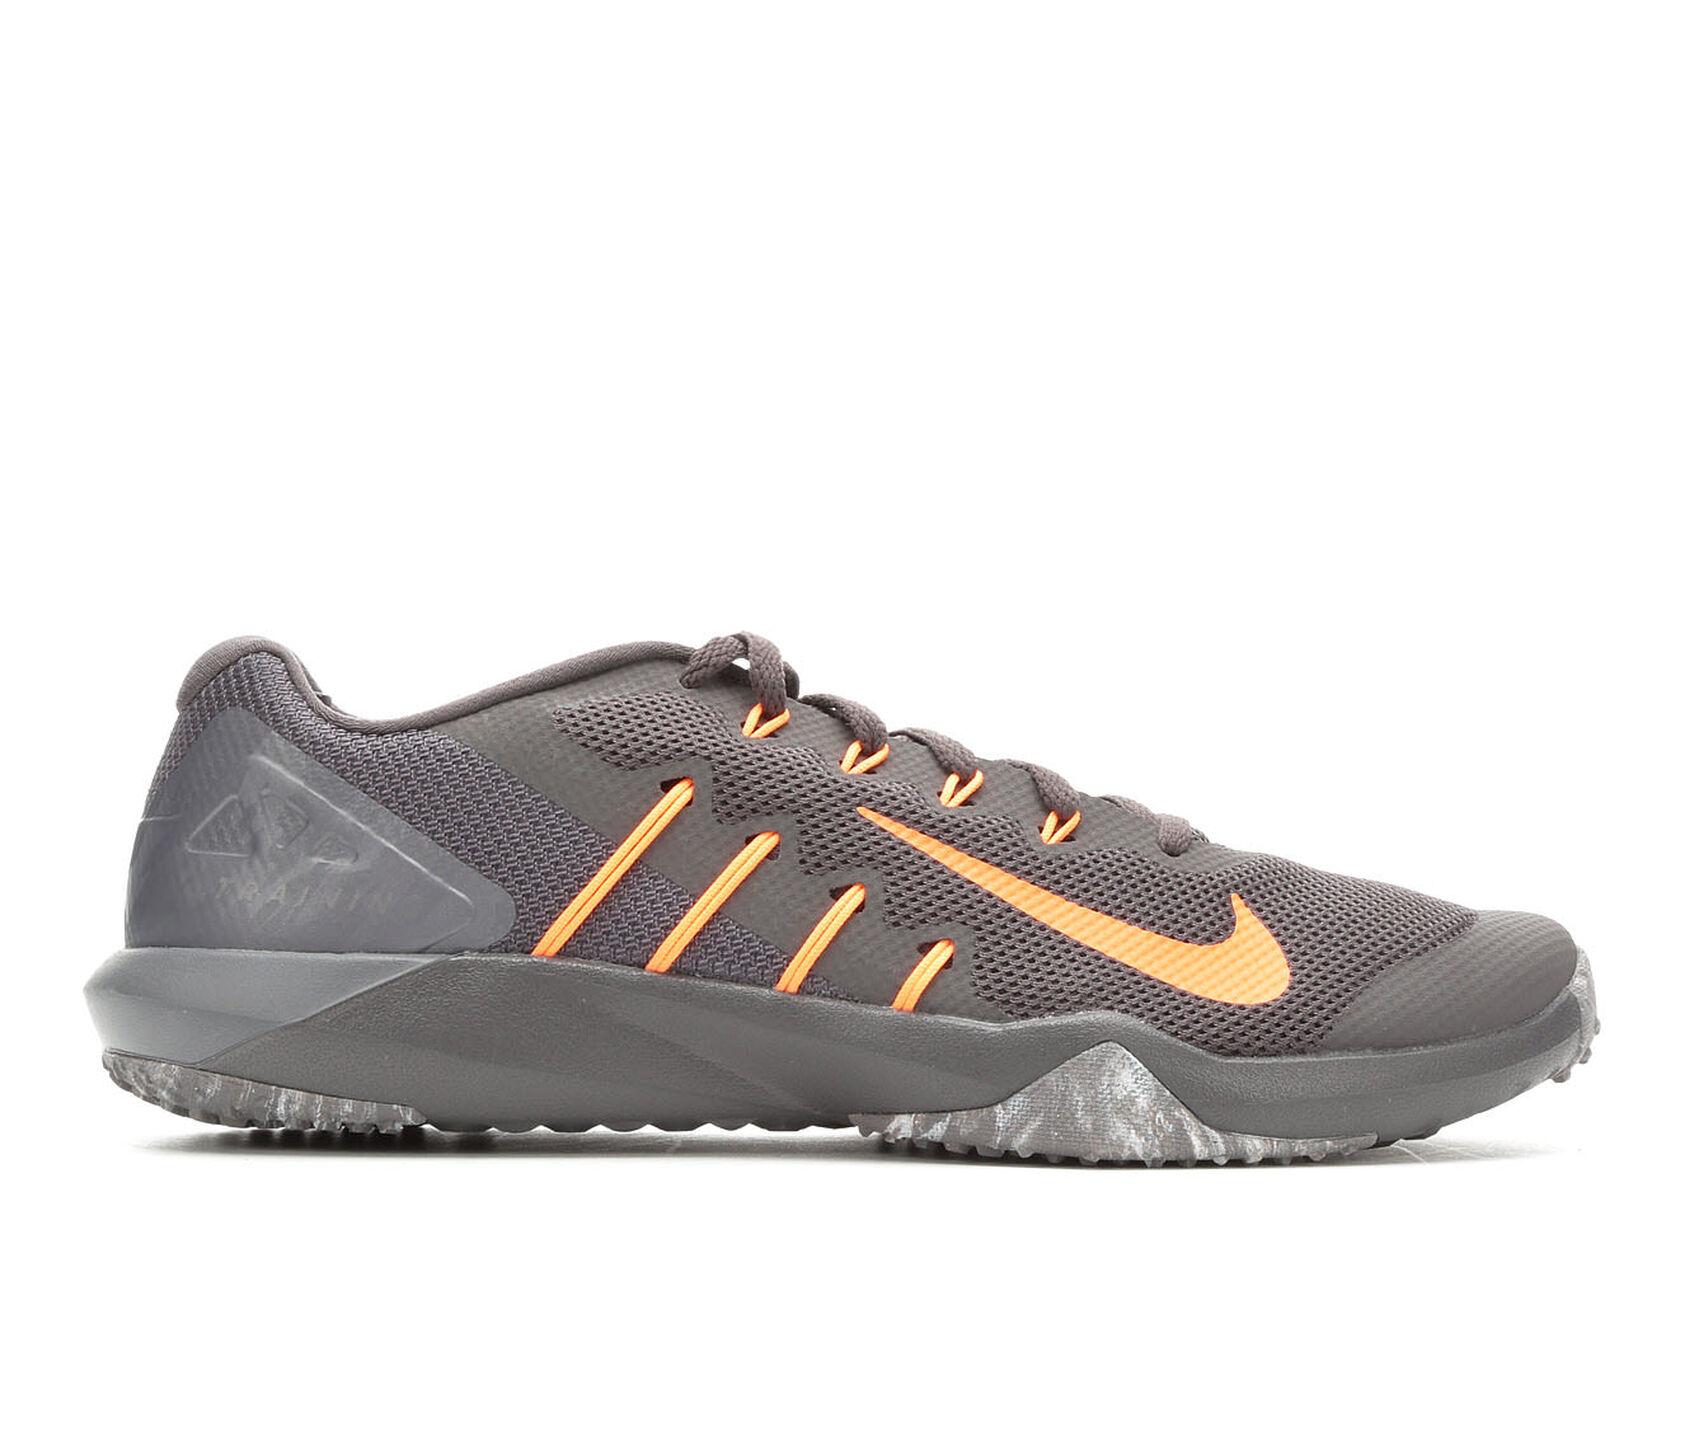 2a666490b3964 Men's Nike Retaliation Tr 2 Training Shoes